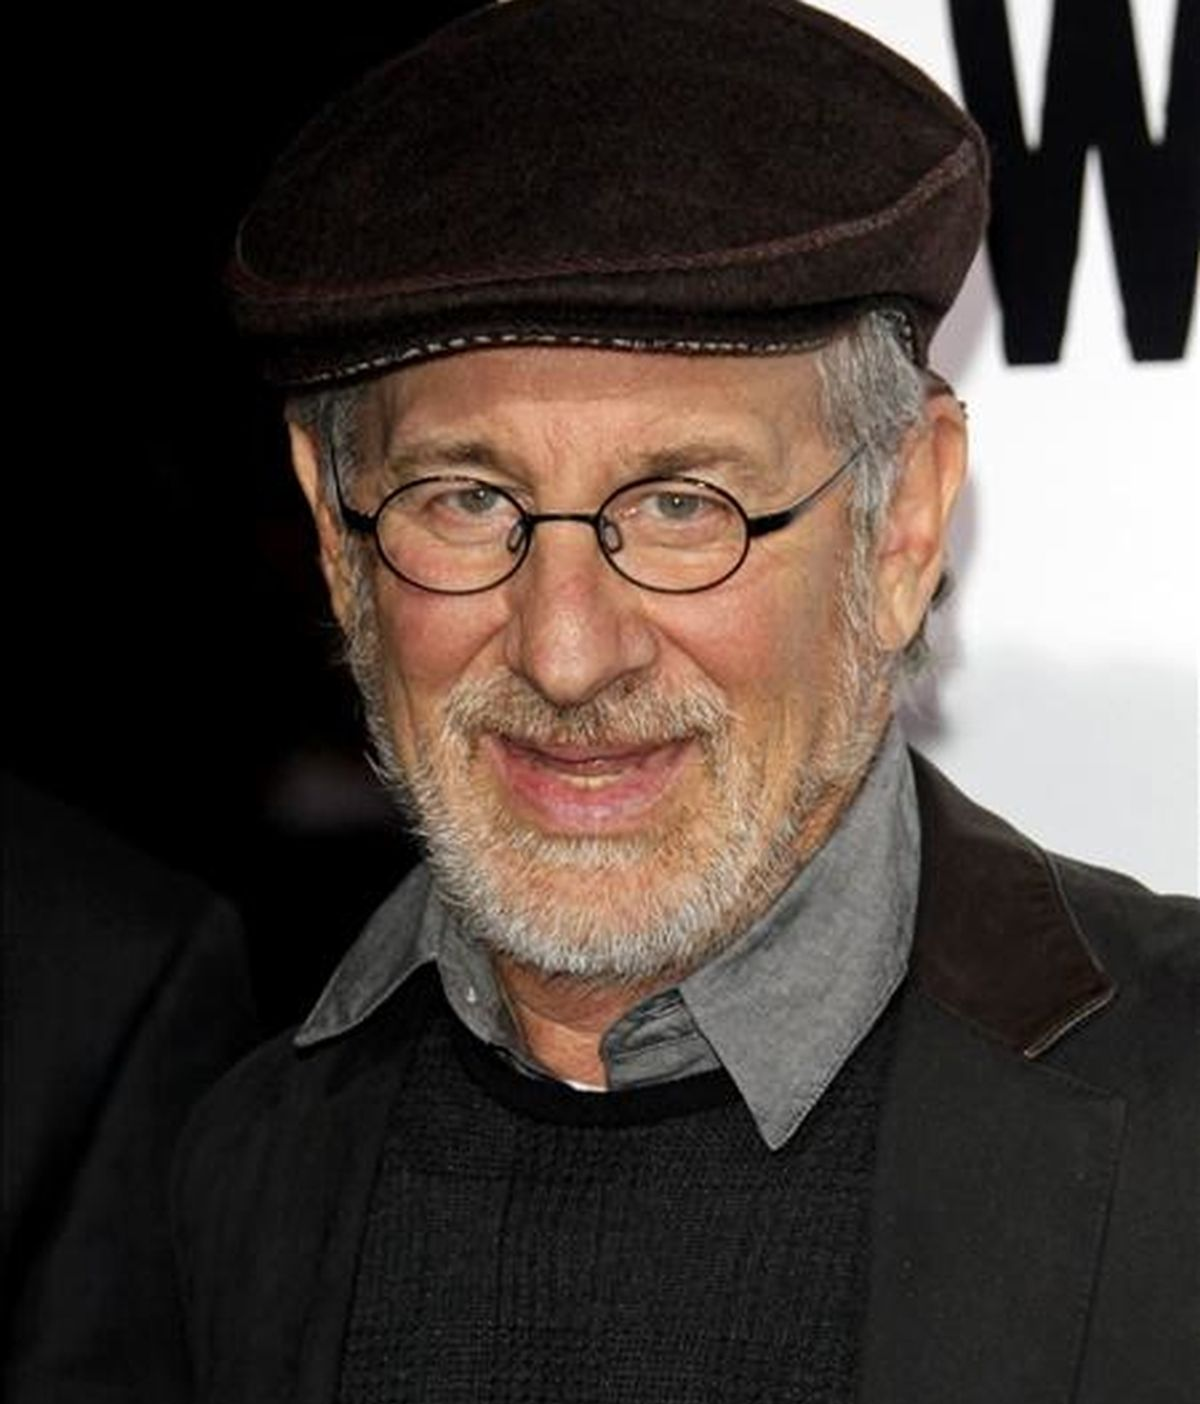 La cinta fue apadrinada por Steven Spielberg con la idea de volver a hacerla con más financiación. Las buenas críticas que recibió llevaron a los estudios a lanzar la película de forma limitada para probar qué acogida tenía entre el público. EFE/Archivo